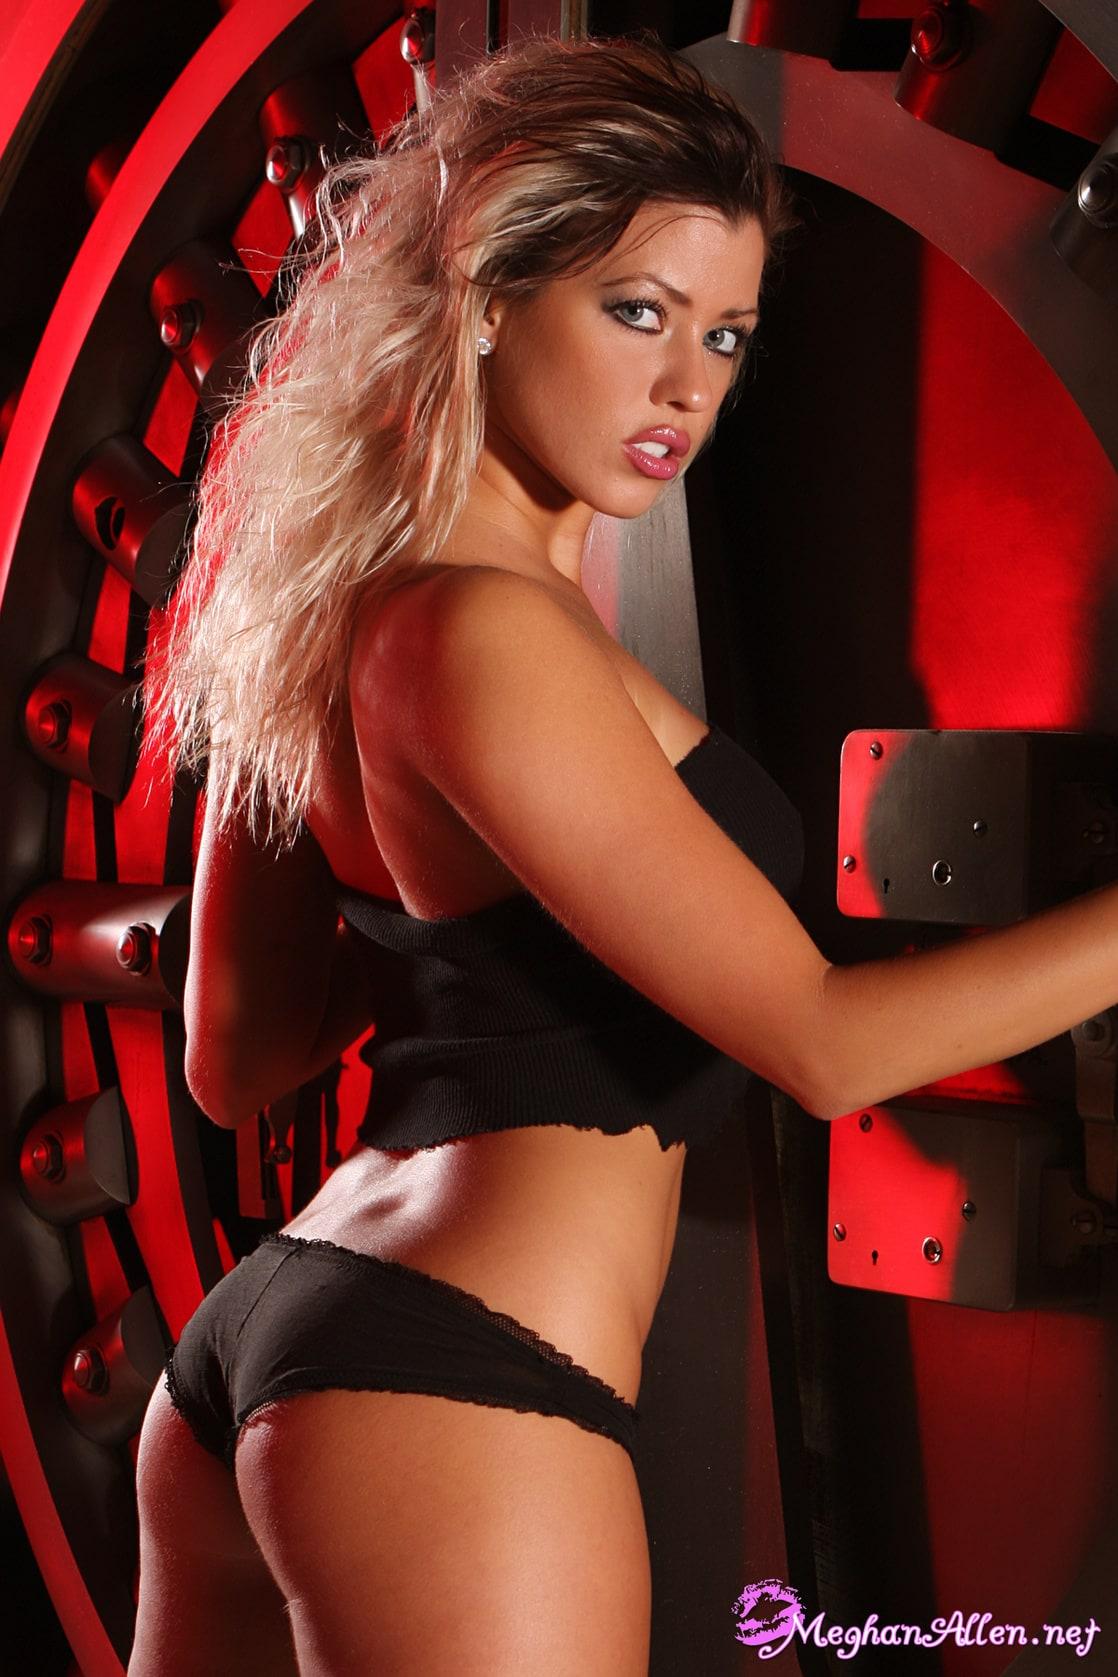 Meghan Allen Naked Pics 33